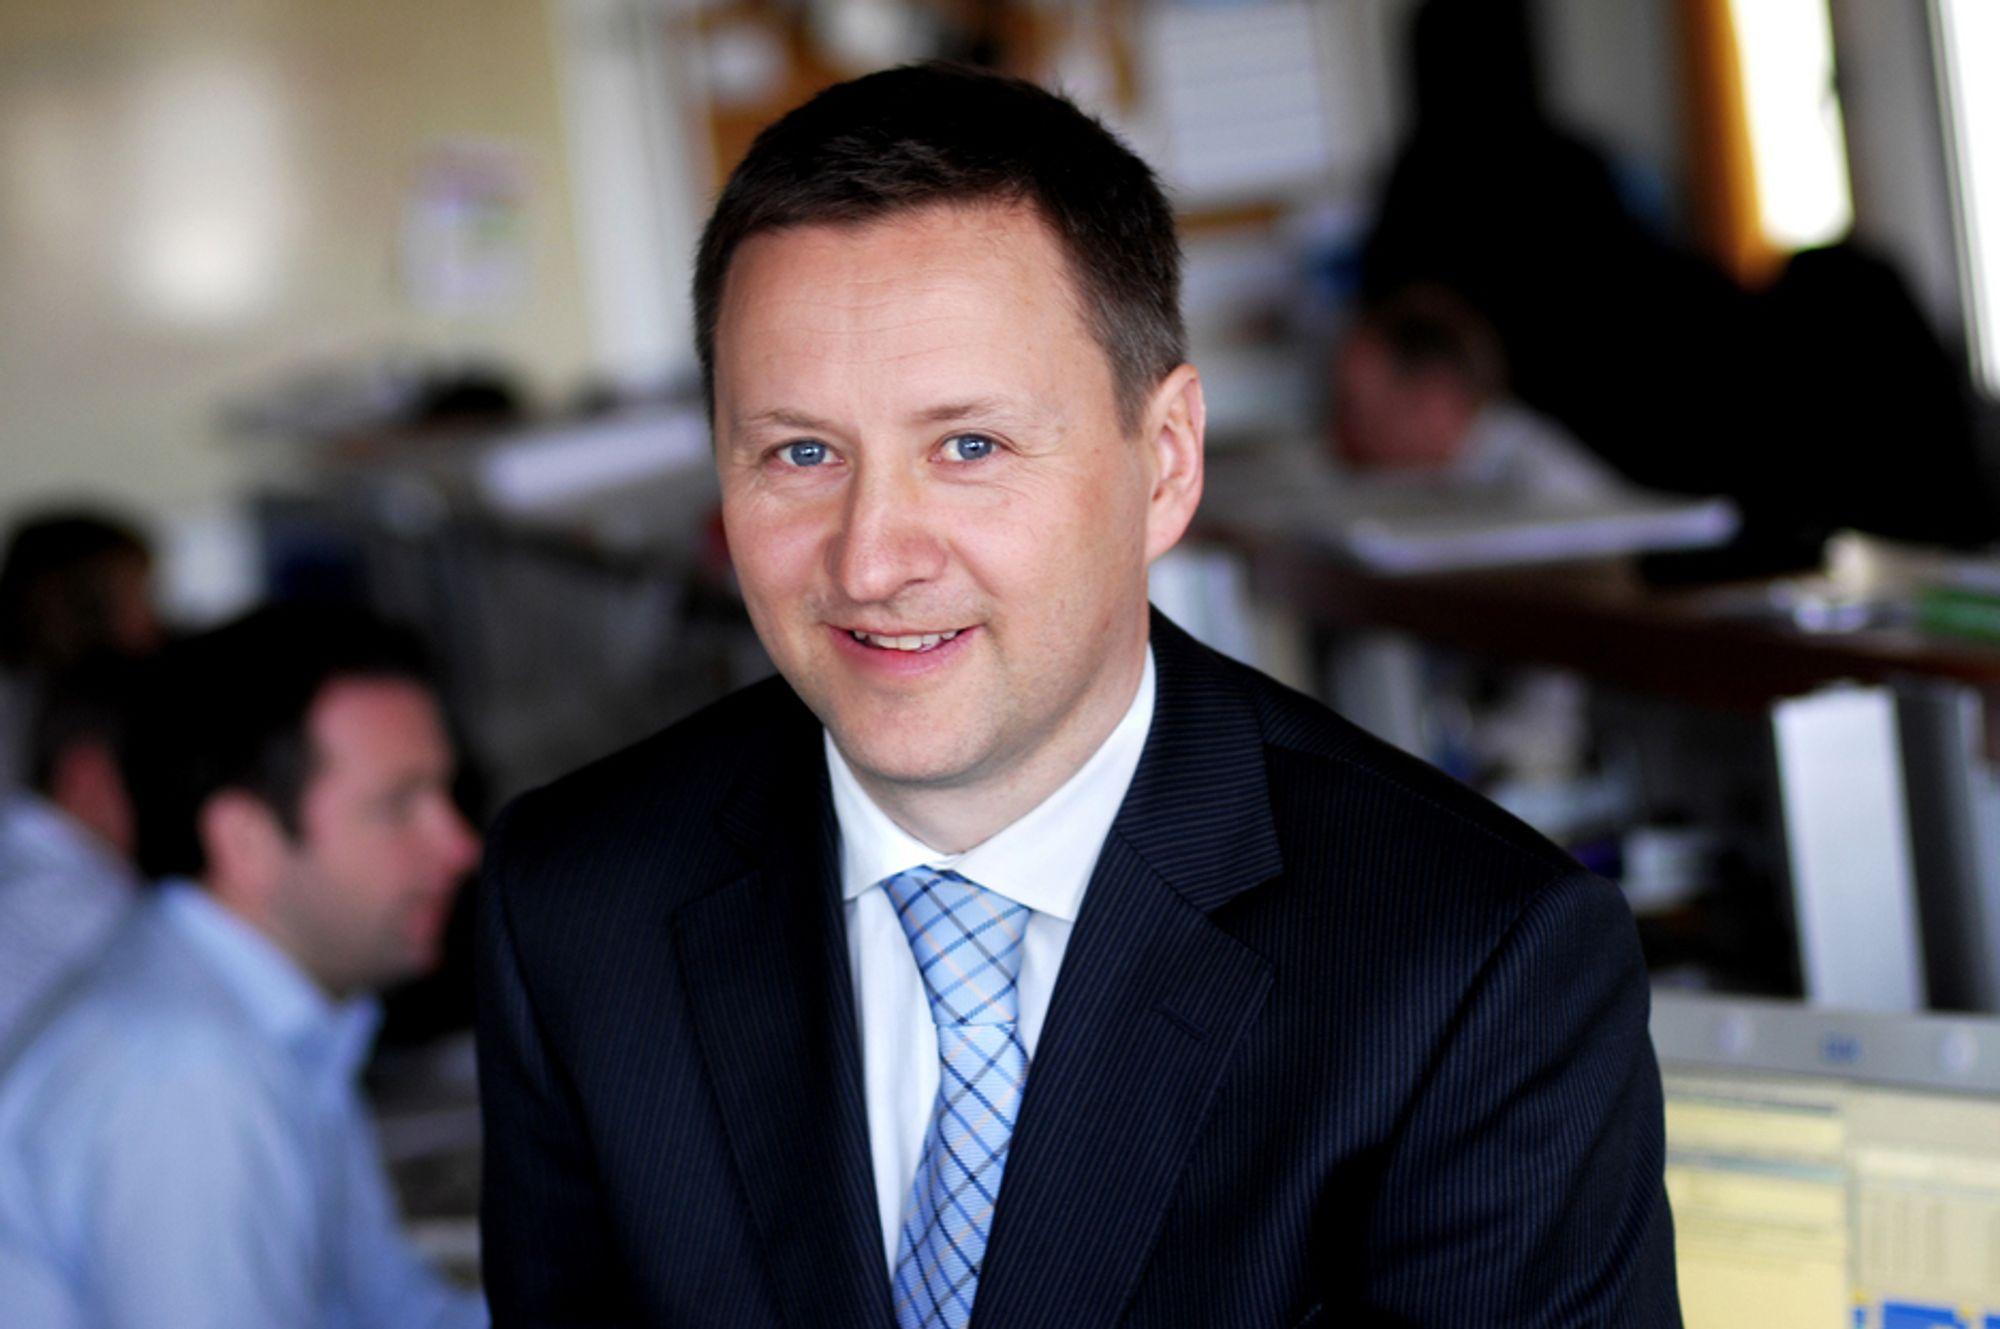 Sjeføkonom Frank Jullum i Fokus Bank har ansvaret for utarbeidelsen av Norsk PMI.